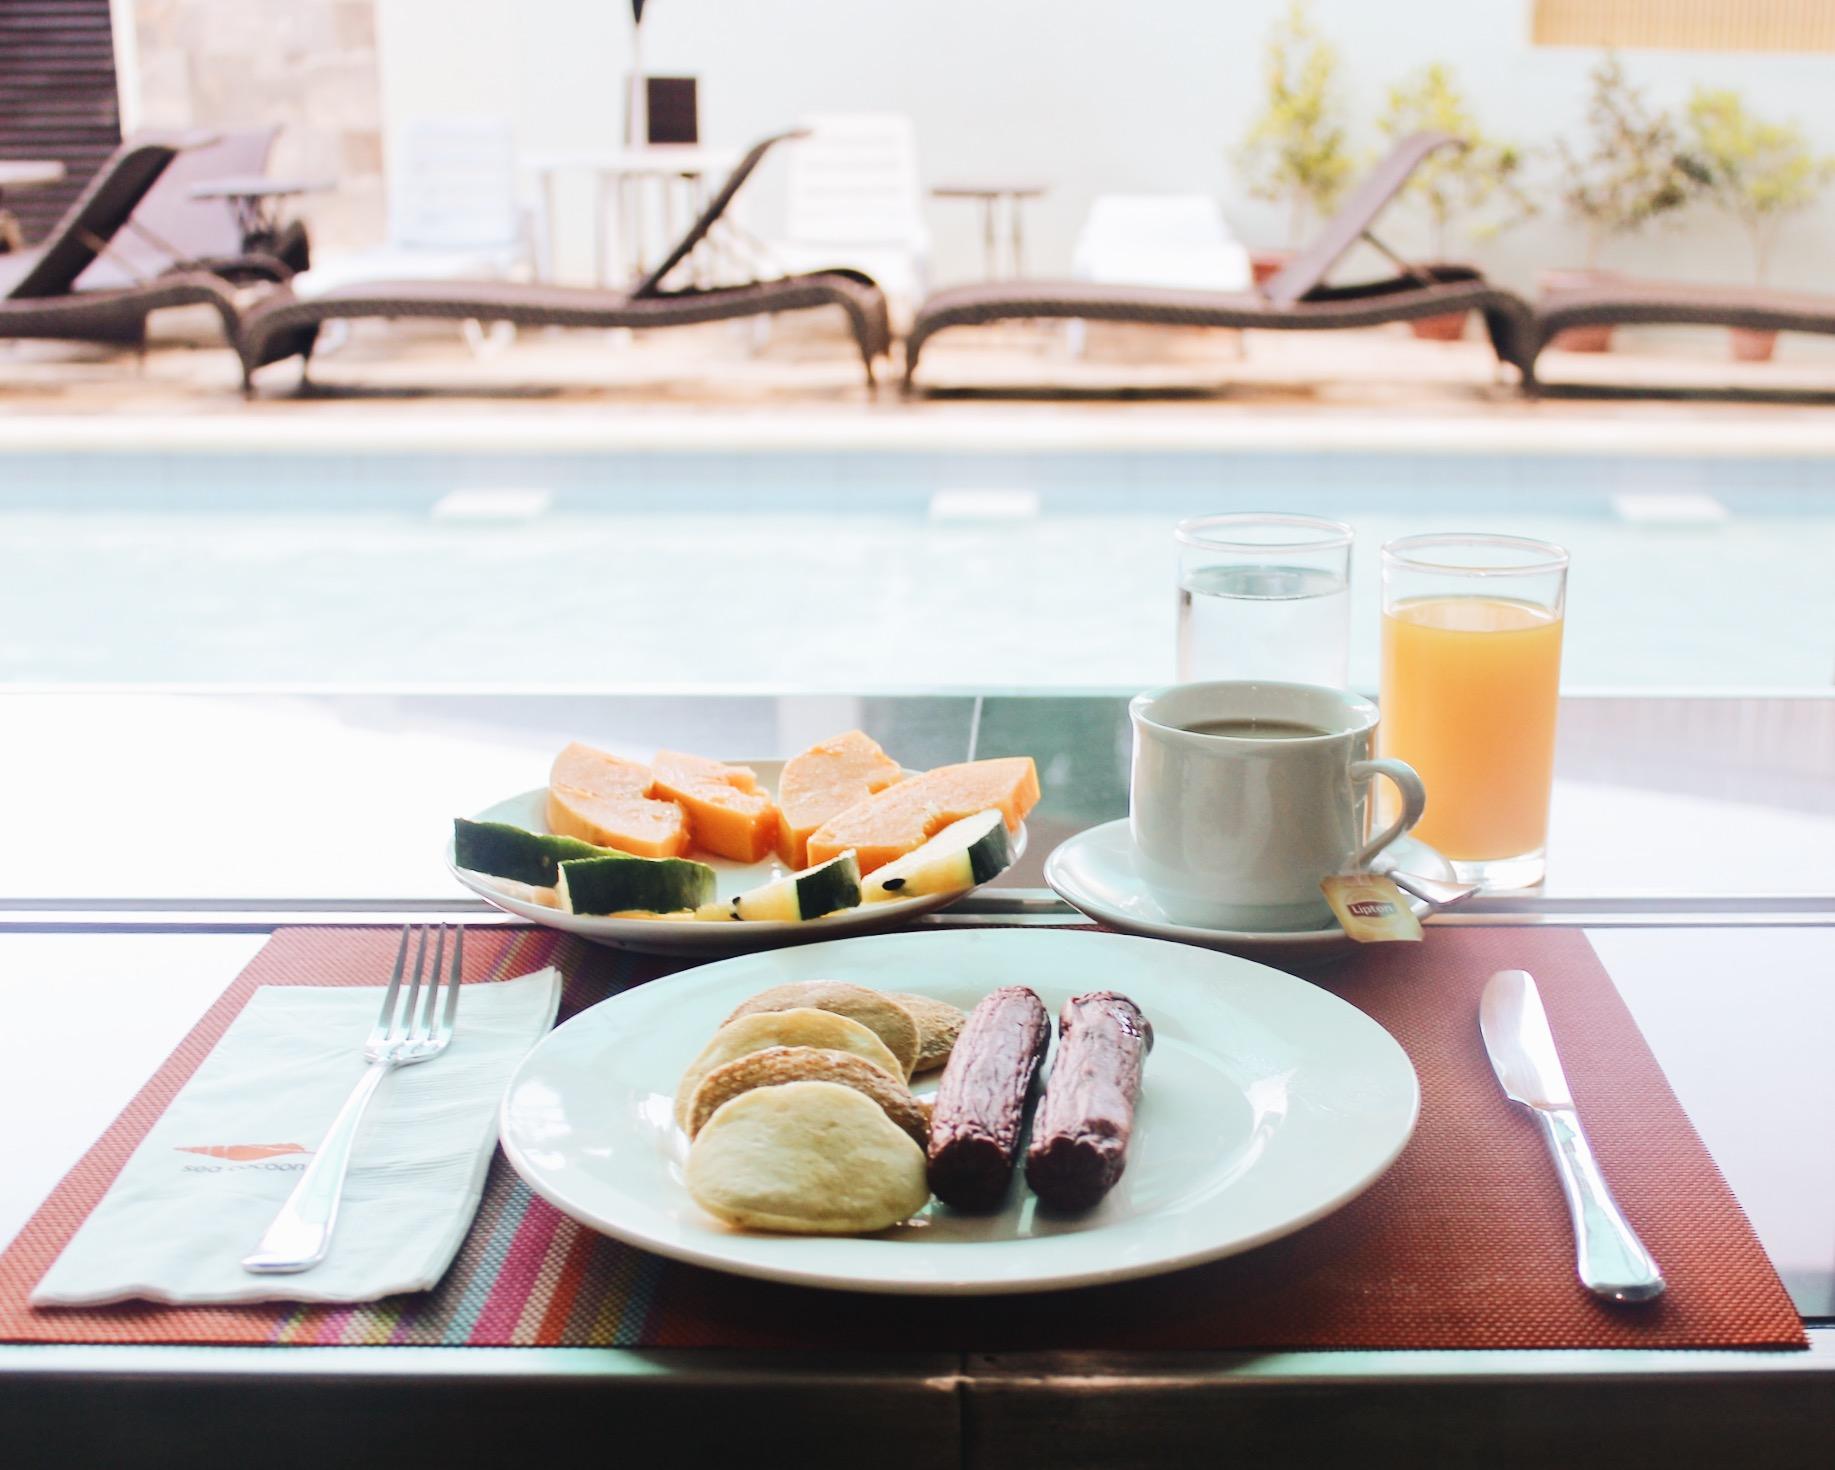 泳池早餐-海茧酒店- El Nido, Palawan -评论- .jpg